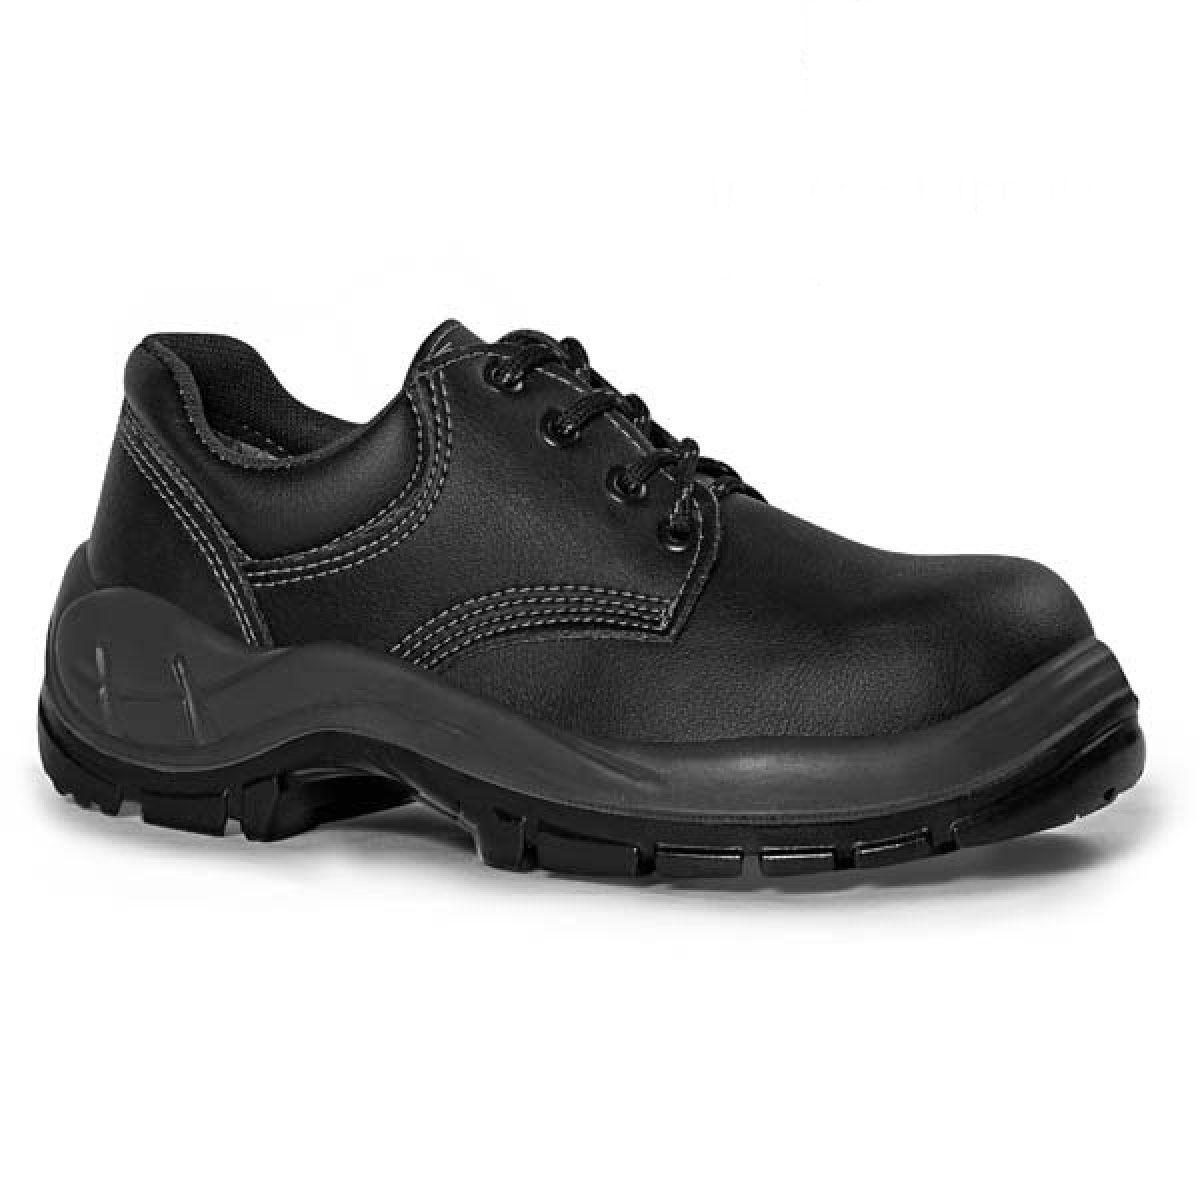 Sapato c/ Cadarço Bidensidade s/ Bico de Aço Preto N°39 - BRACOL